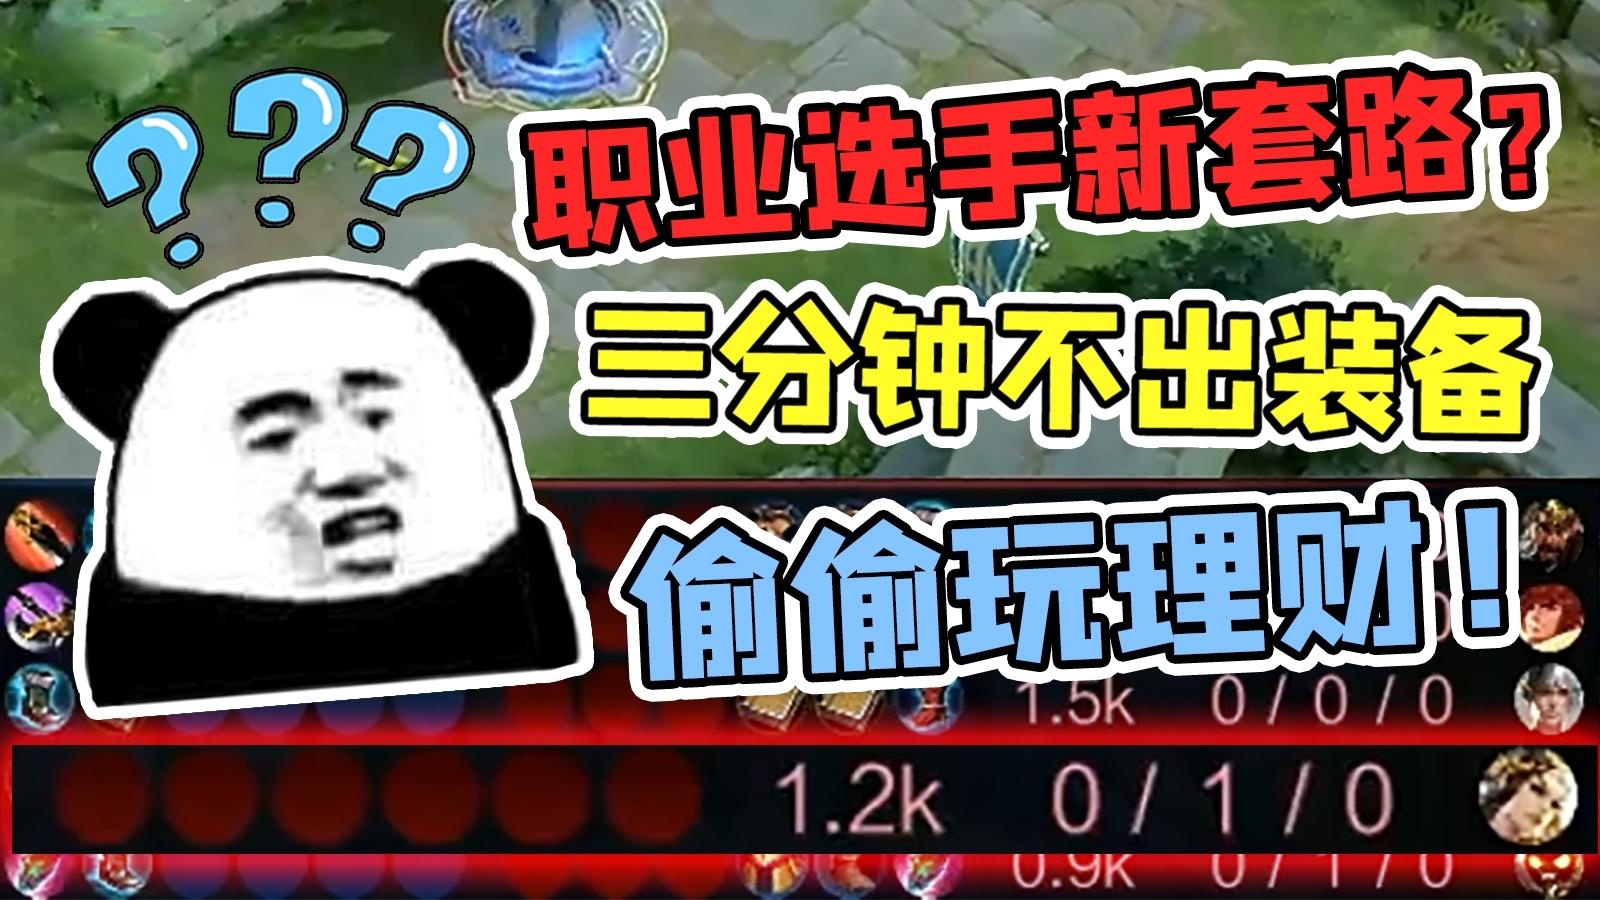 王者皮一下赛事篇:比赛不买装备偷偷玩理财!新套路存钱流打法?